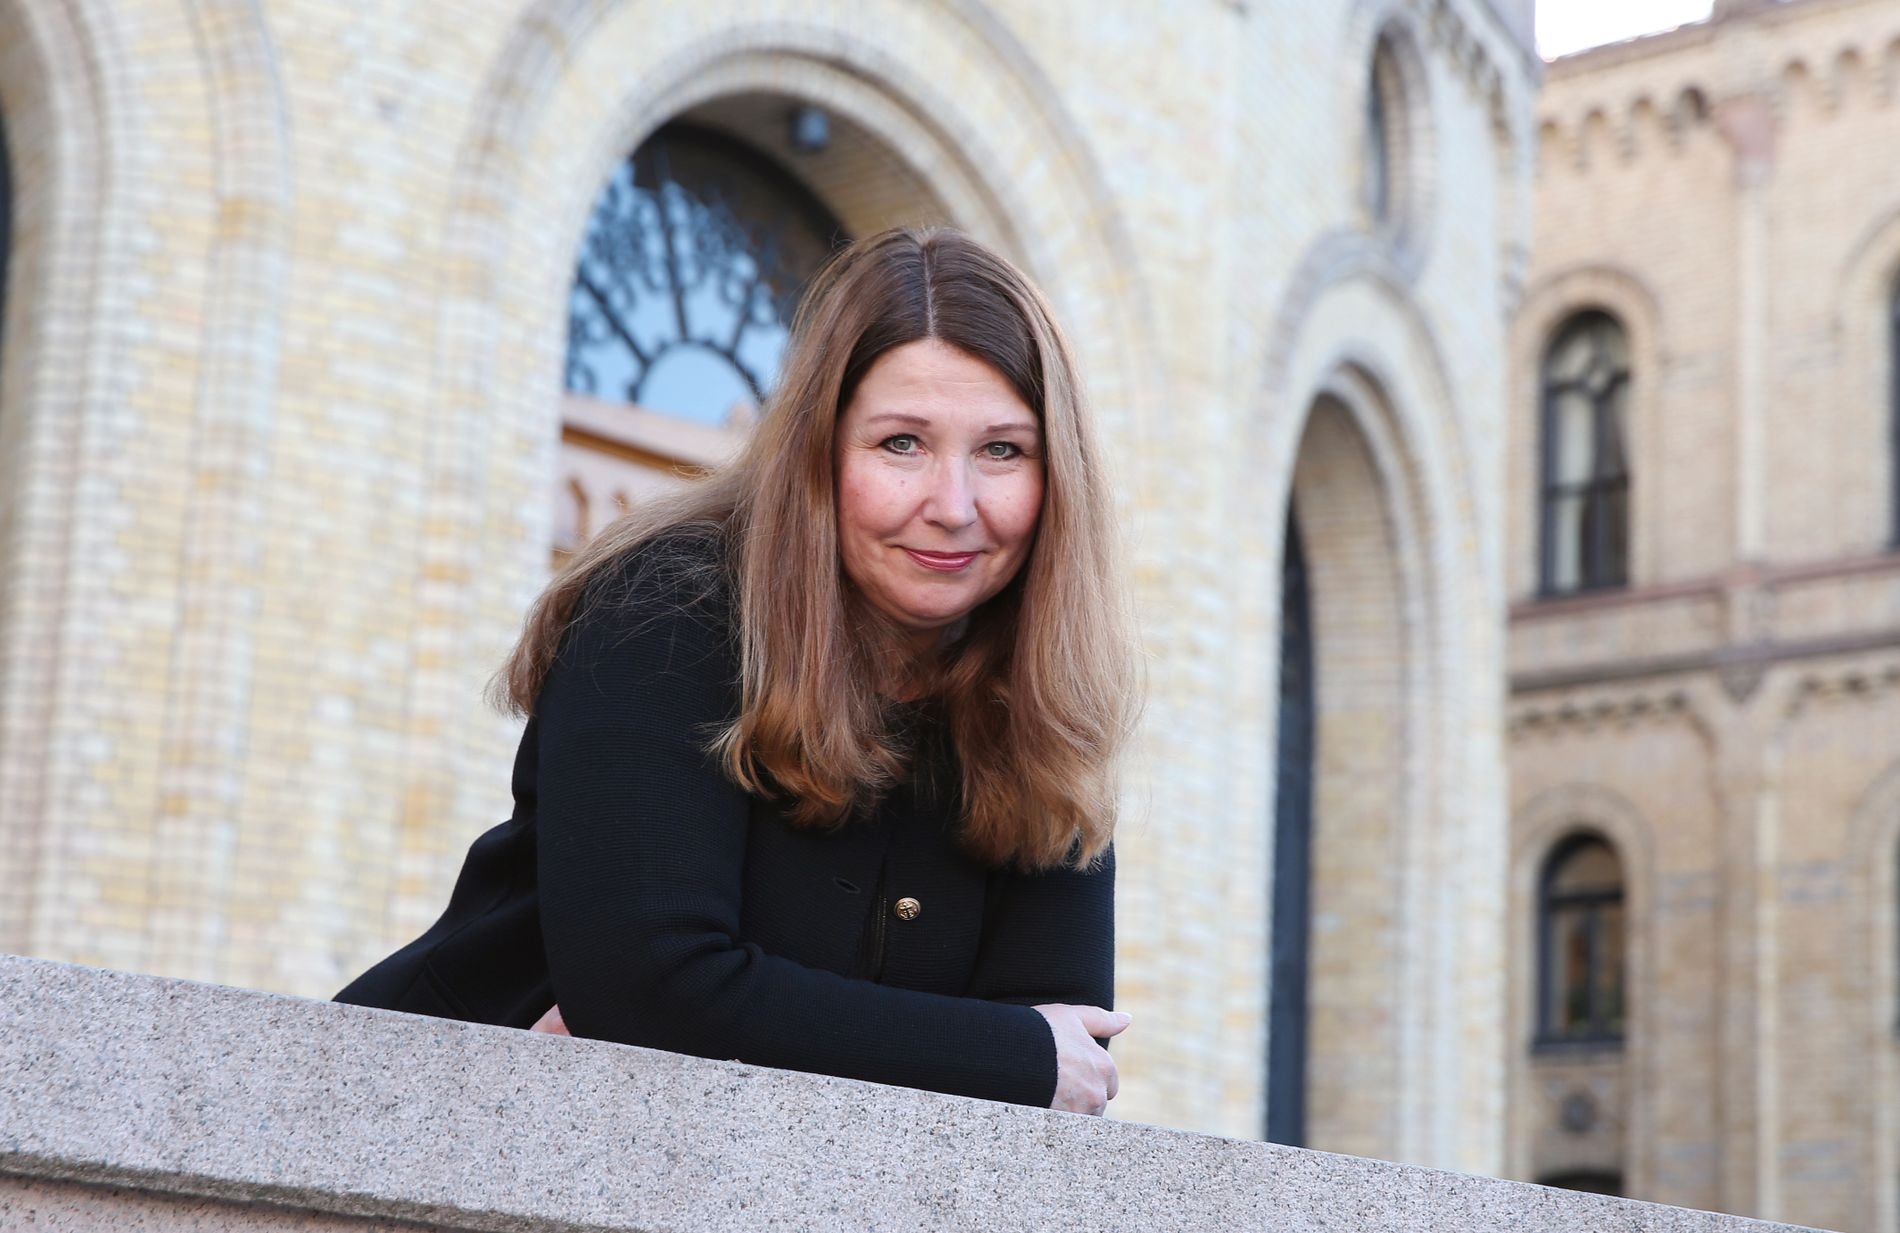 SKOLE-POLITIKER: Turid Kristensen representerer Høyre på Stortinget.